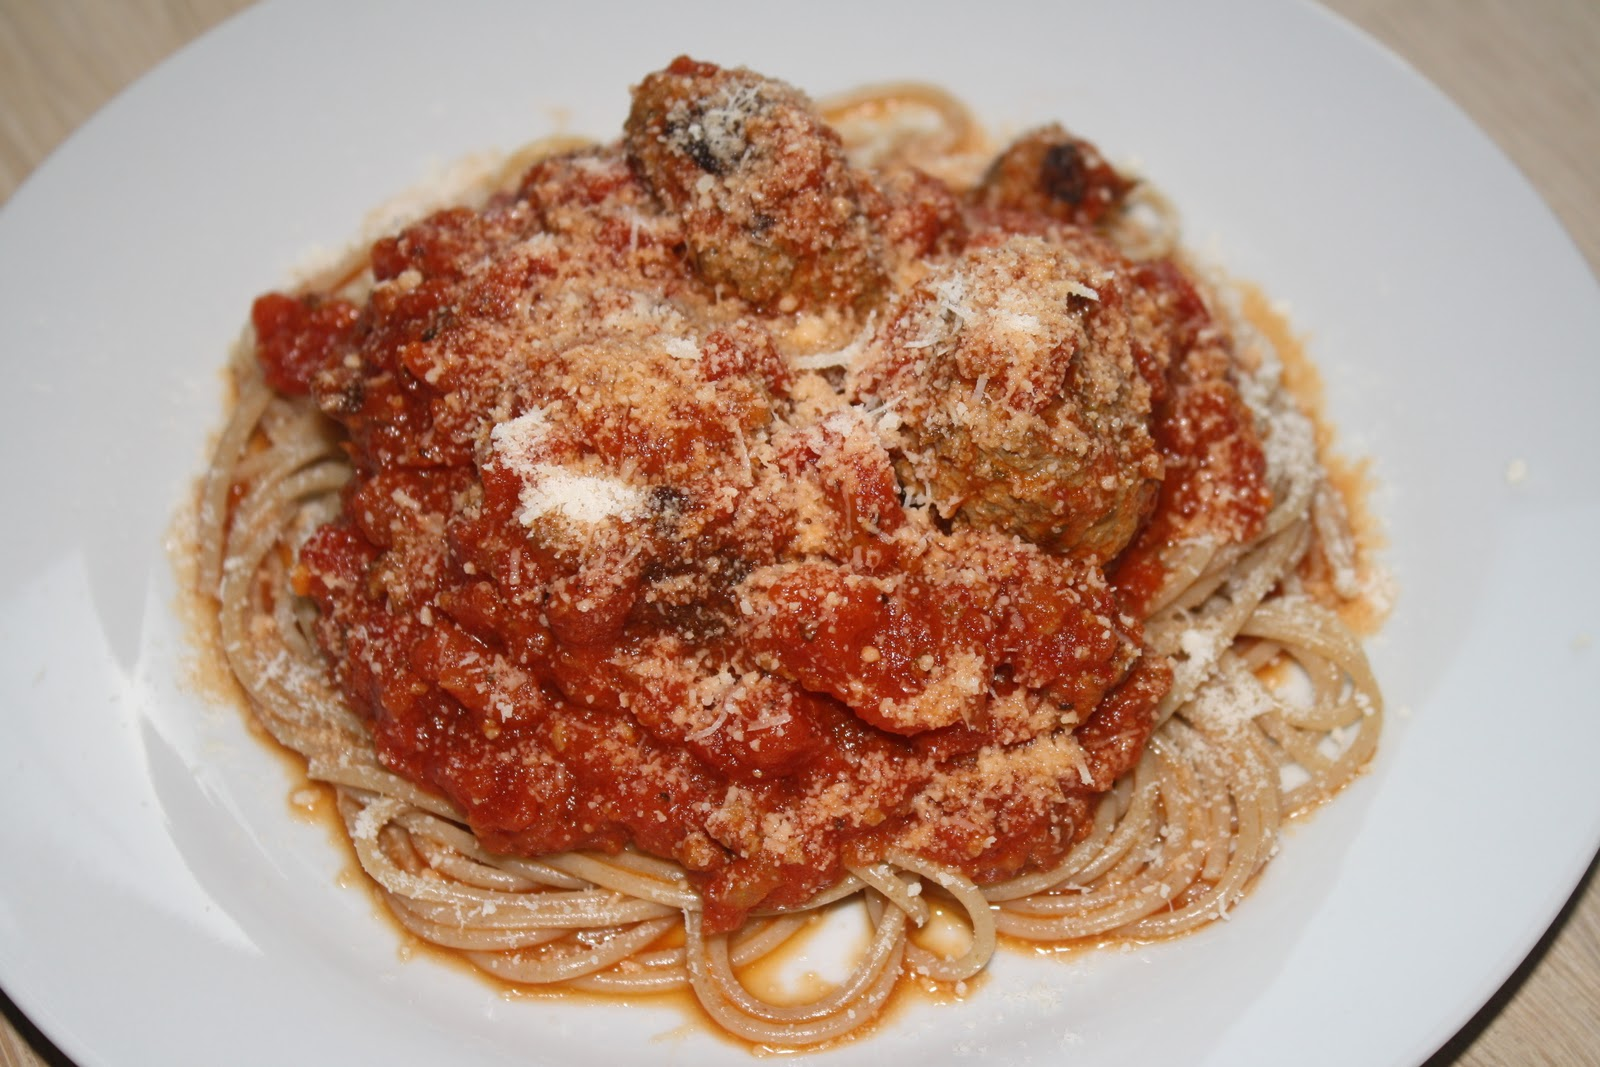 Opskrift på hjemmelavet Spaghetti & meatballs - Spaghetti & kødboller